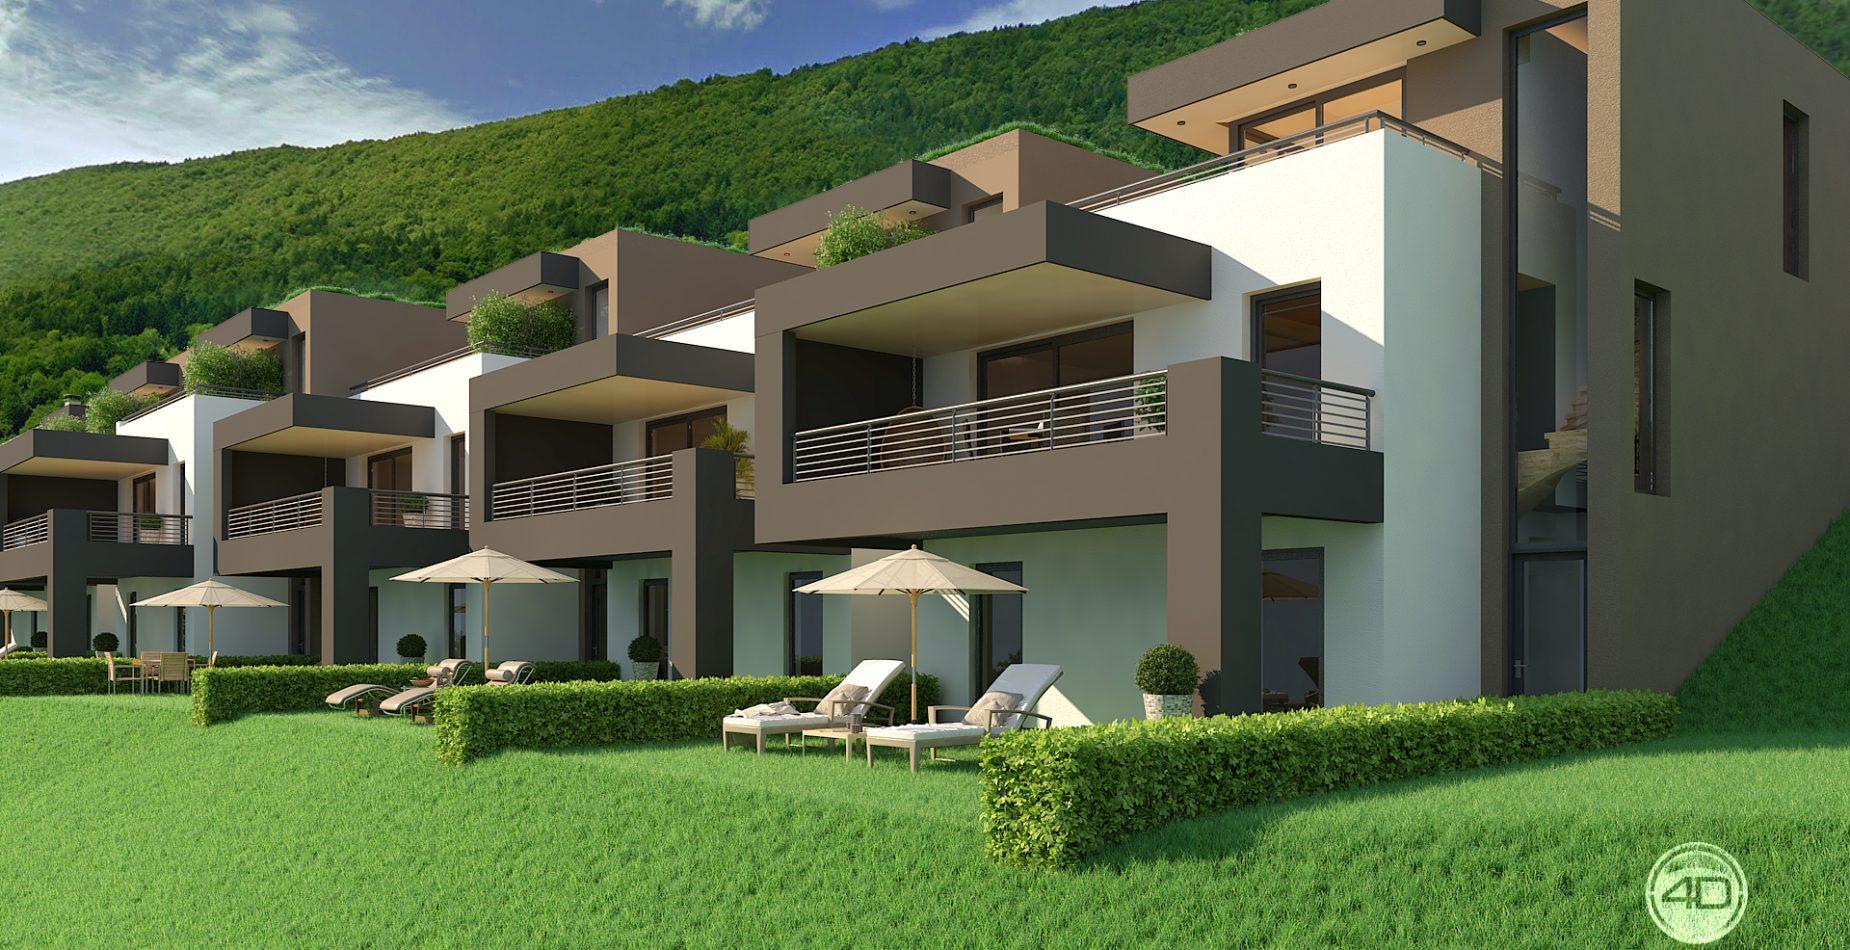 Edificio_4D-univers-townhouse_lac_annecy_3D-villa_00000